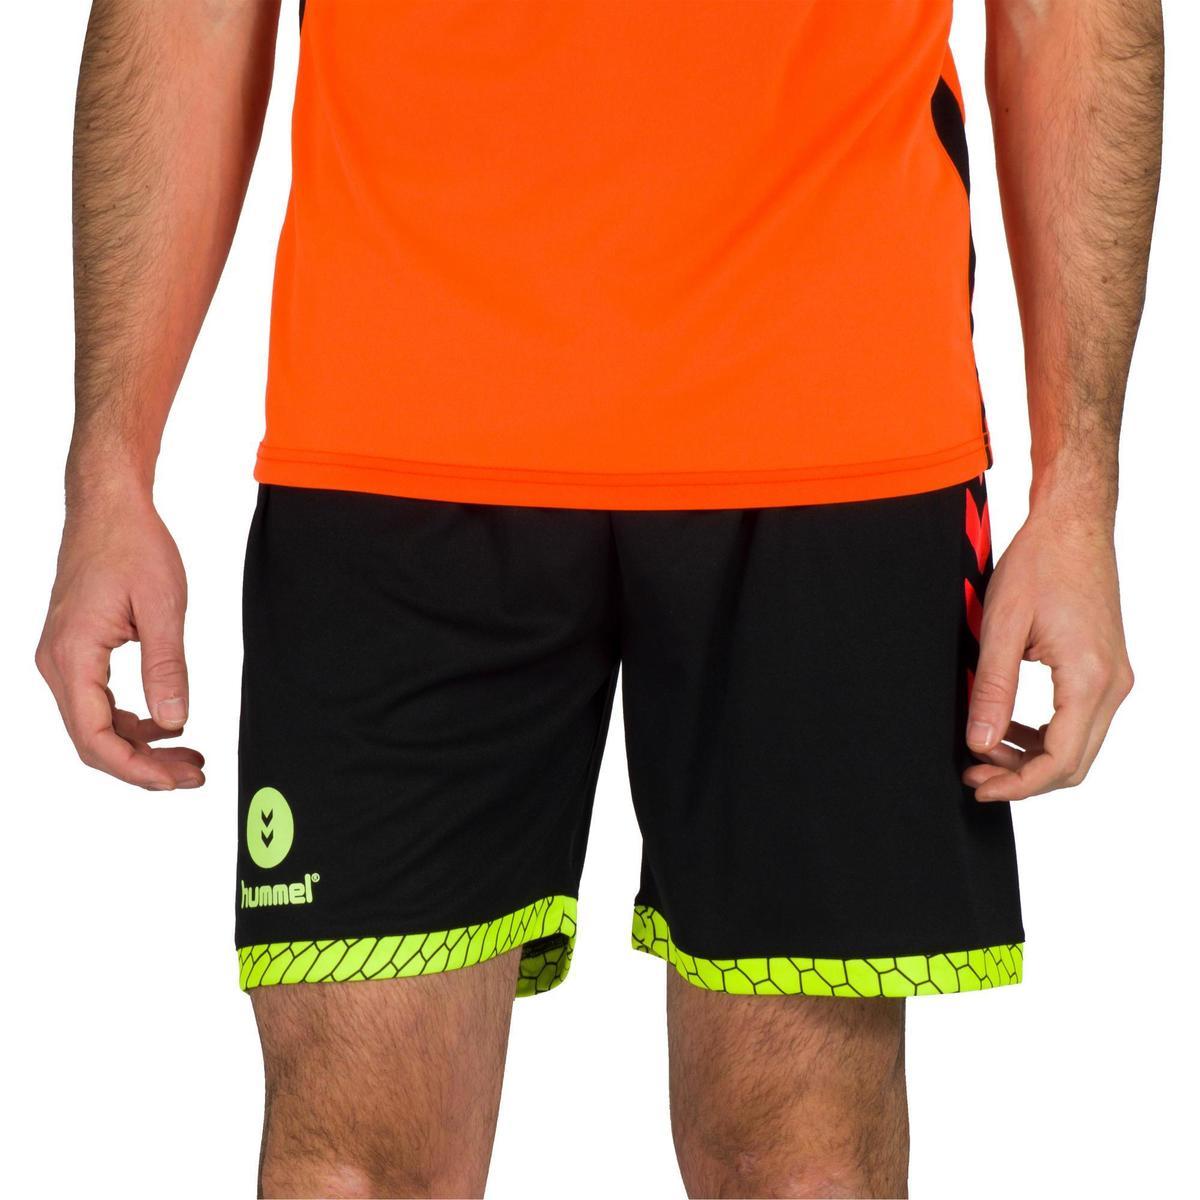 Bild 2 von Handball-Shorts Herren schwarz/orange/gelb